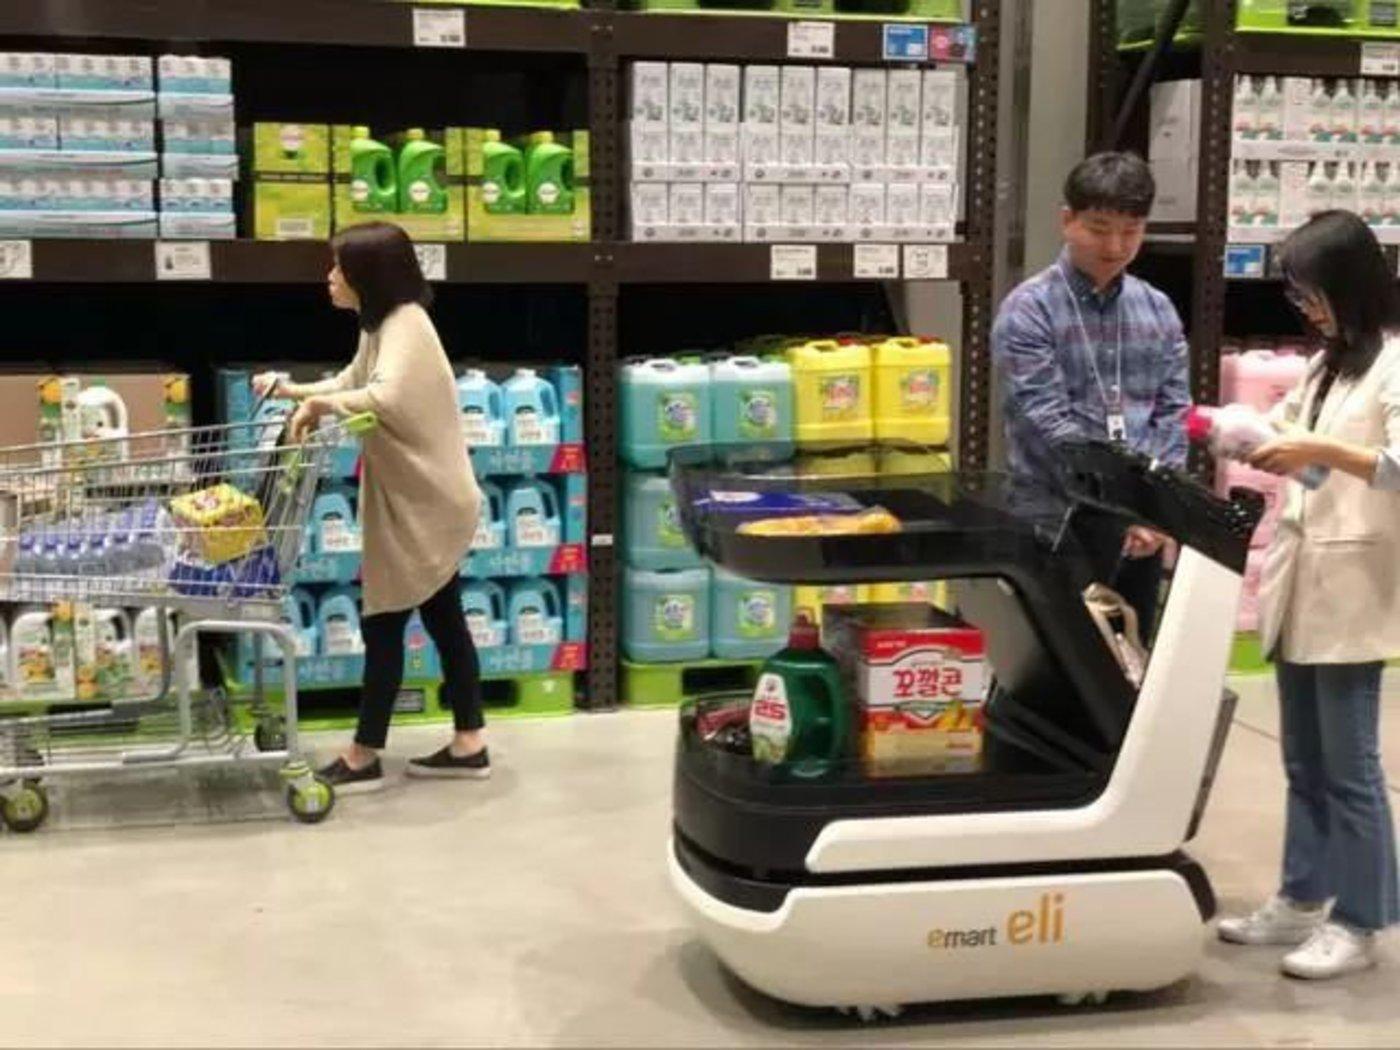 Eli智能跟随购物车